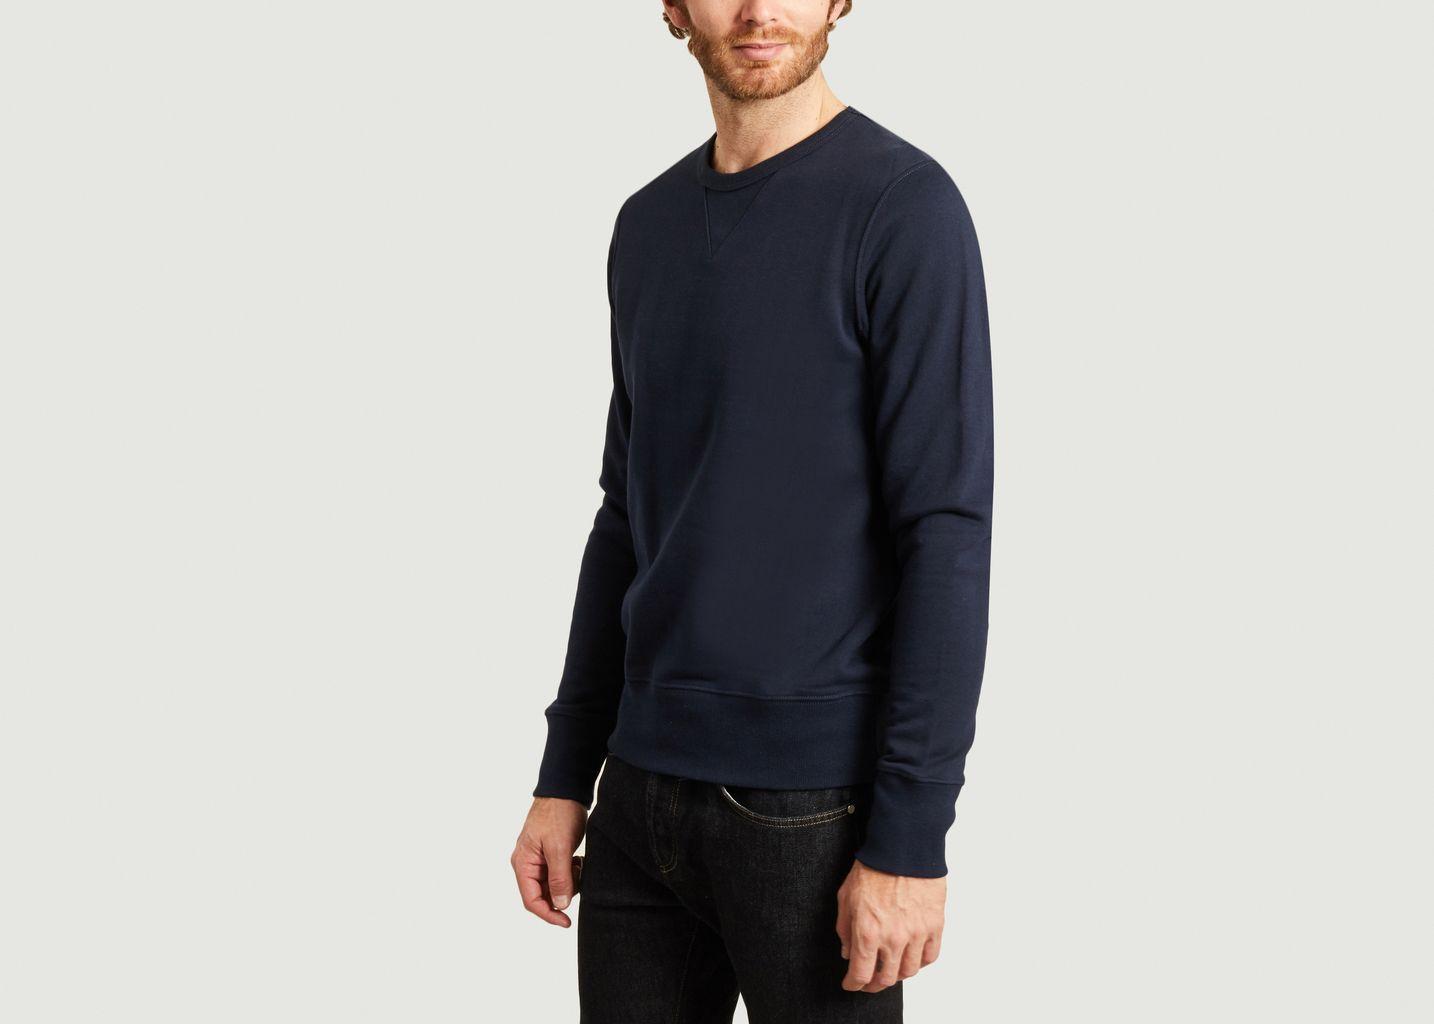 Sweatshirt classique 1930s  - Merz b Schwanen